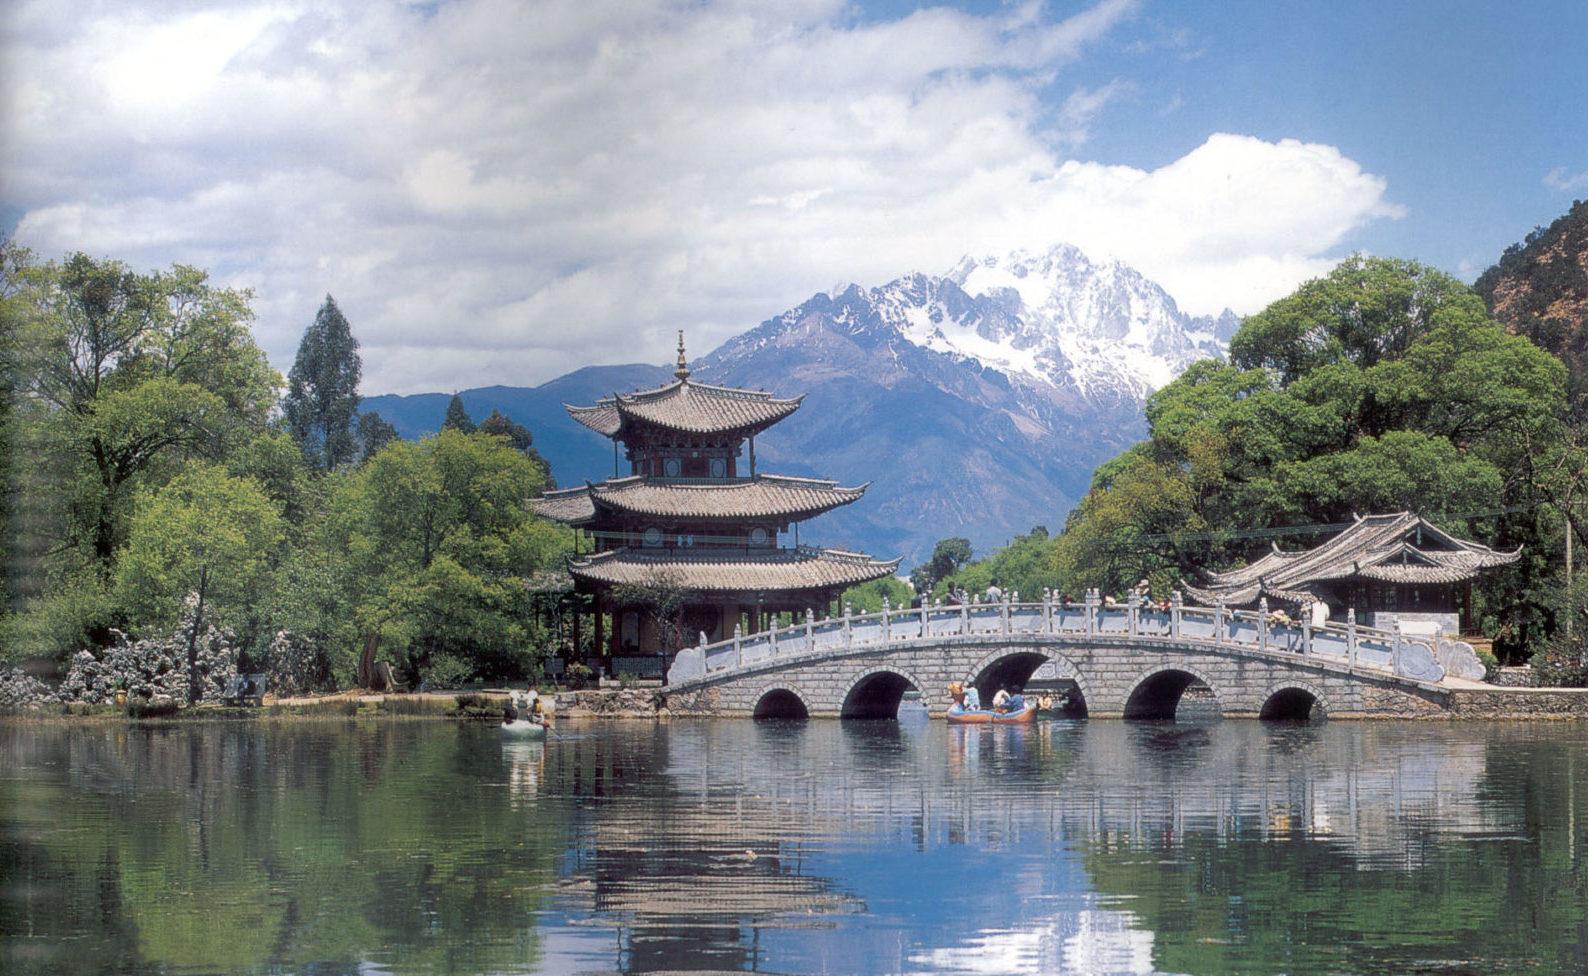 玉龙雪山, 云南丽江 (5,596m)